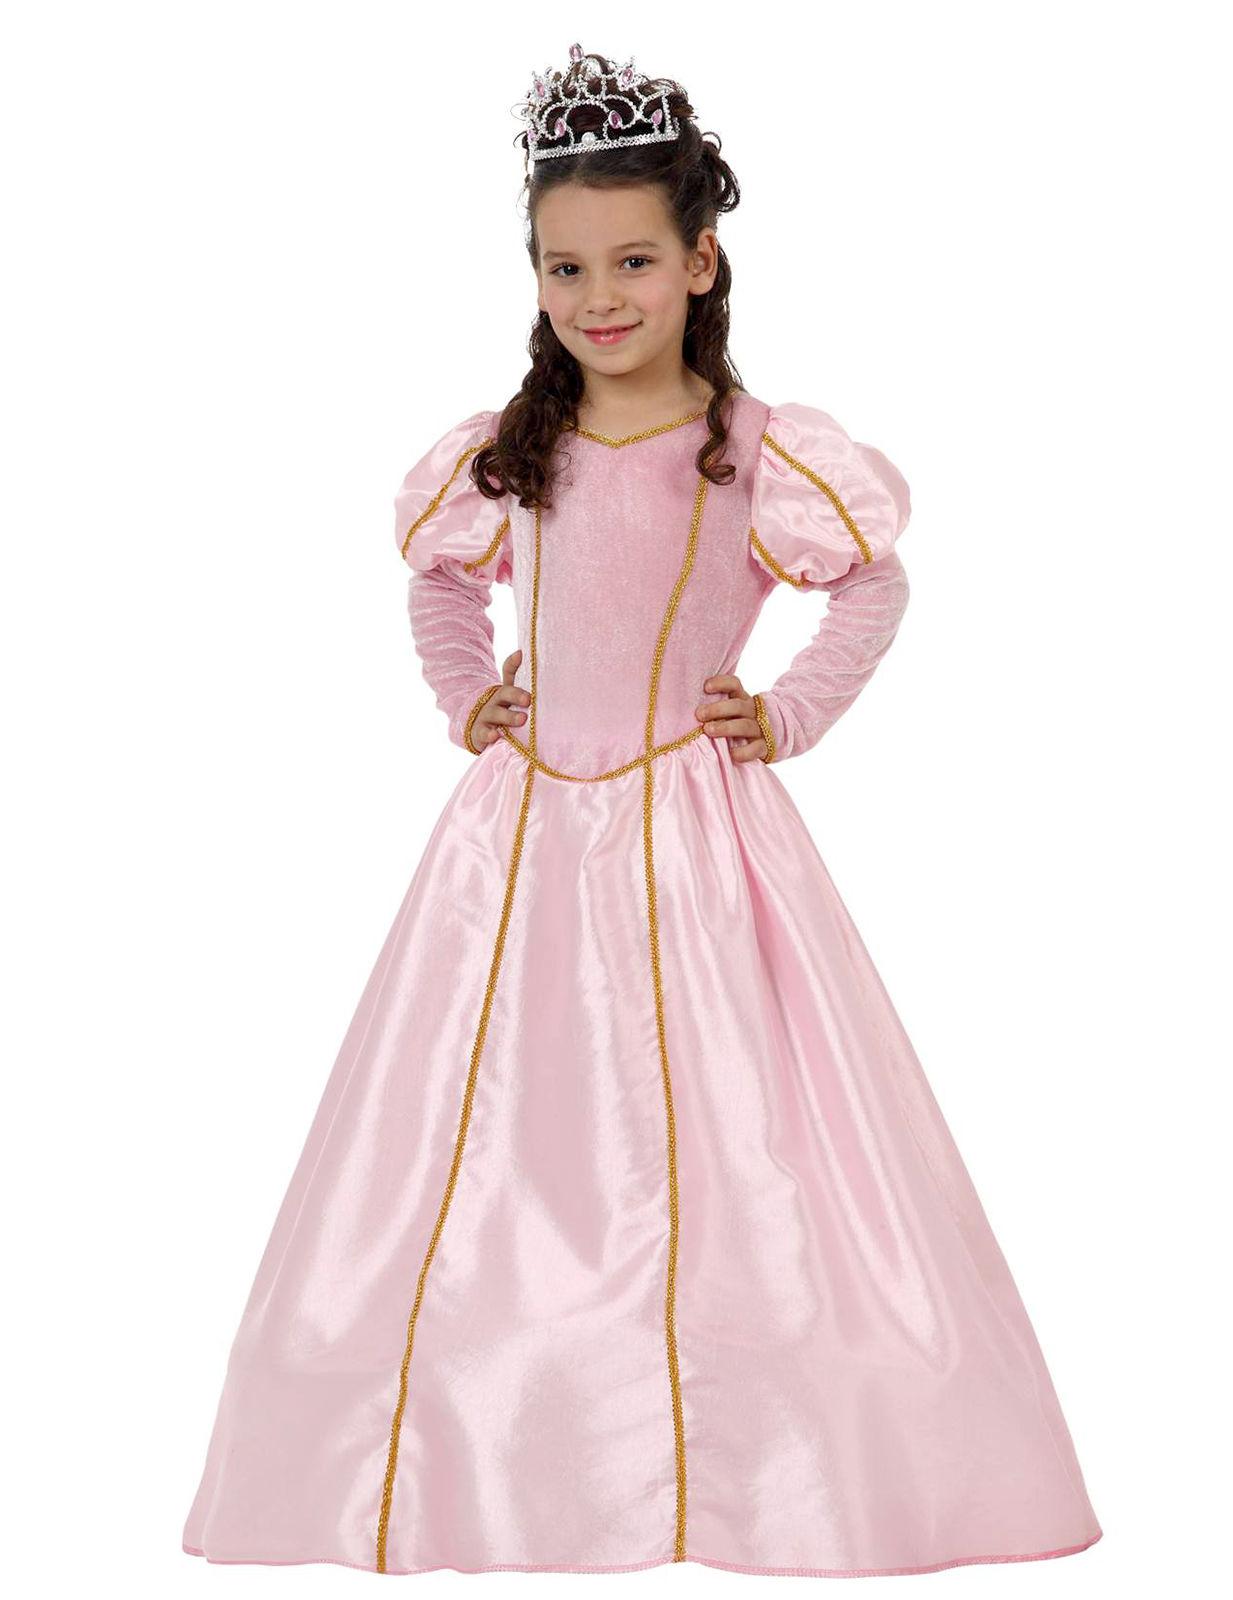 deb627a6acd338 Déguisement princesse enfant rose   Deguise-toi, achat de ...